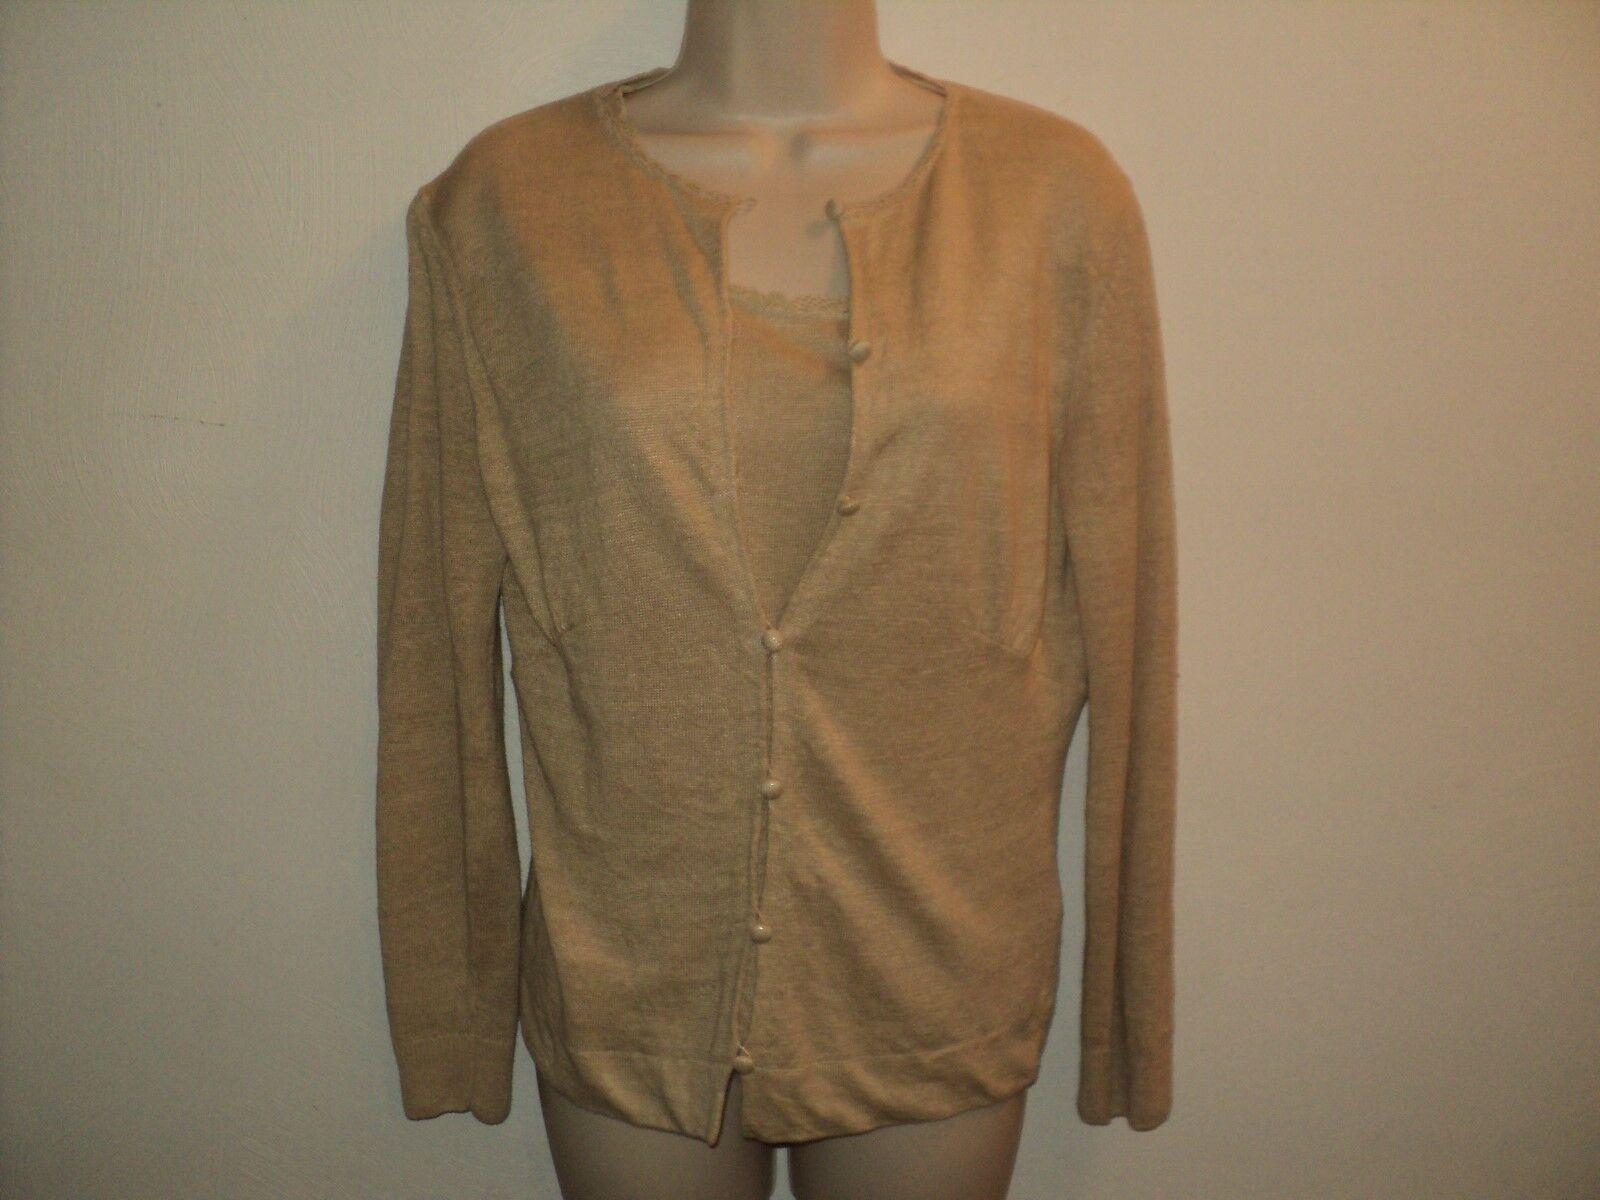 Lafayette 148 Petite Size Small Cardigan,Tank Sweater Twin Set Beige 100% Linen